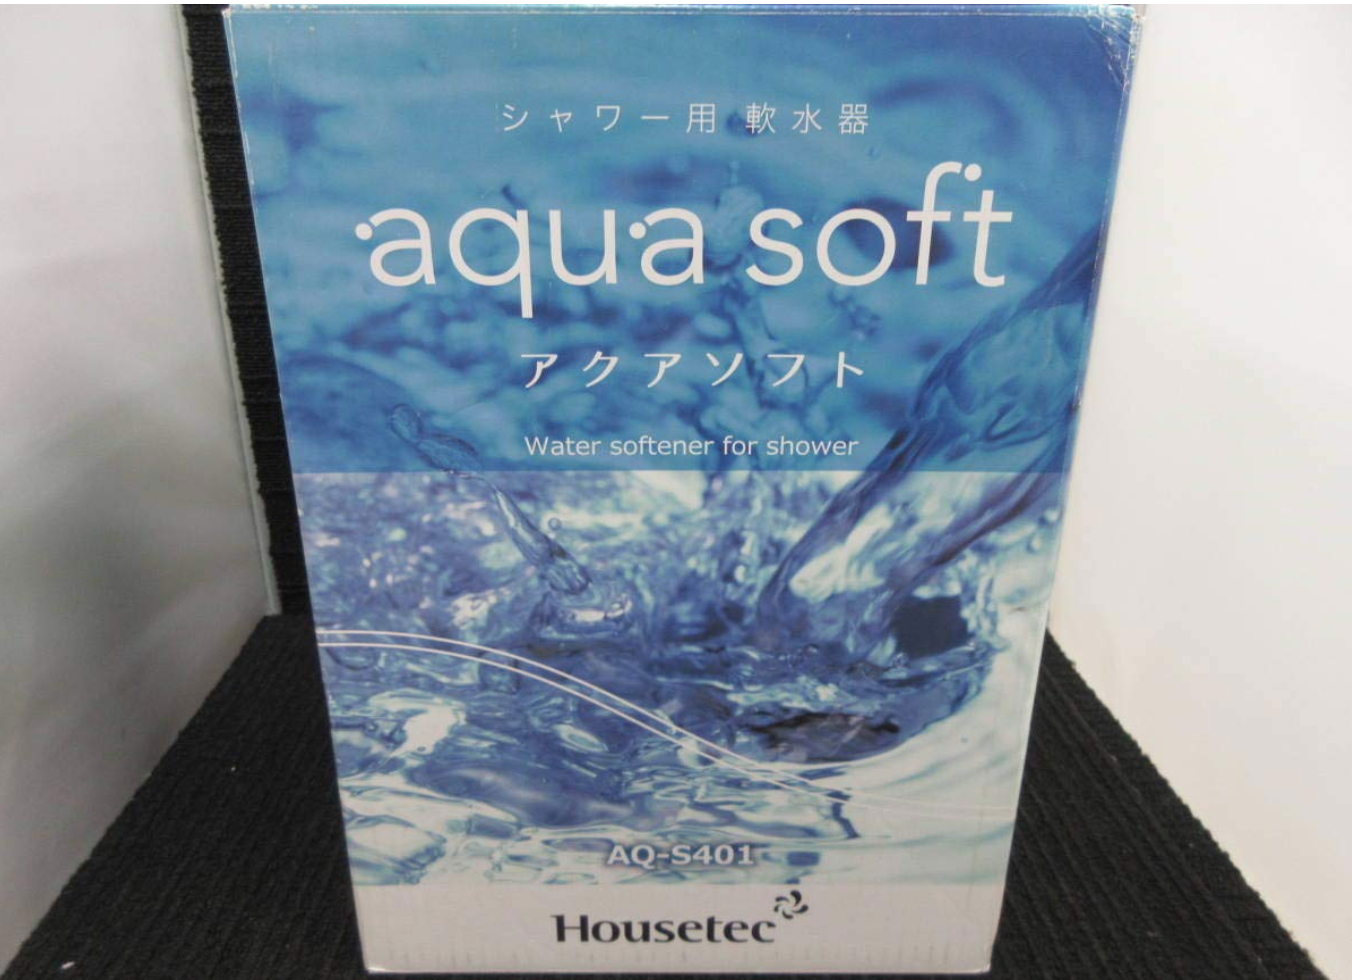 aqua soft 軟水器